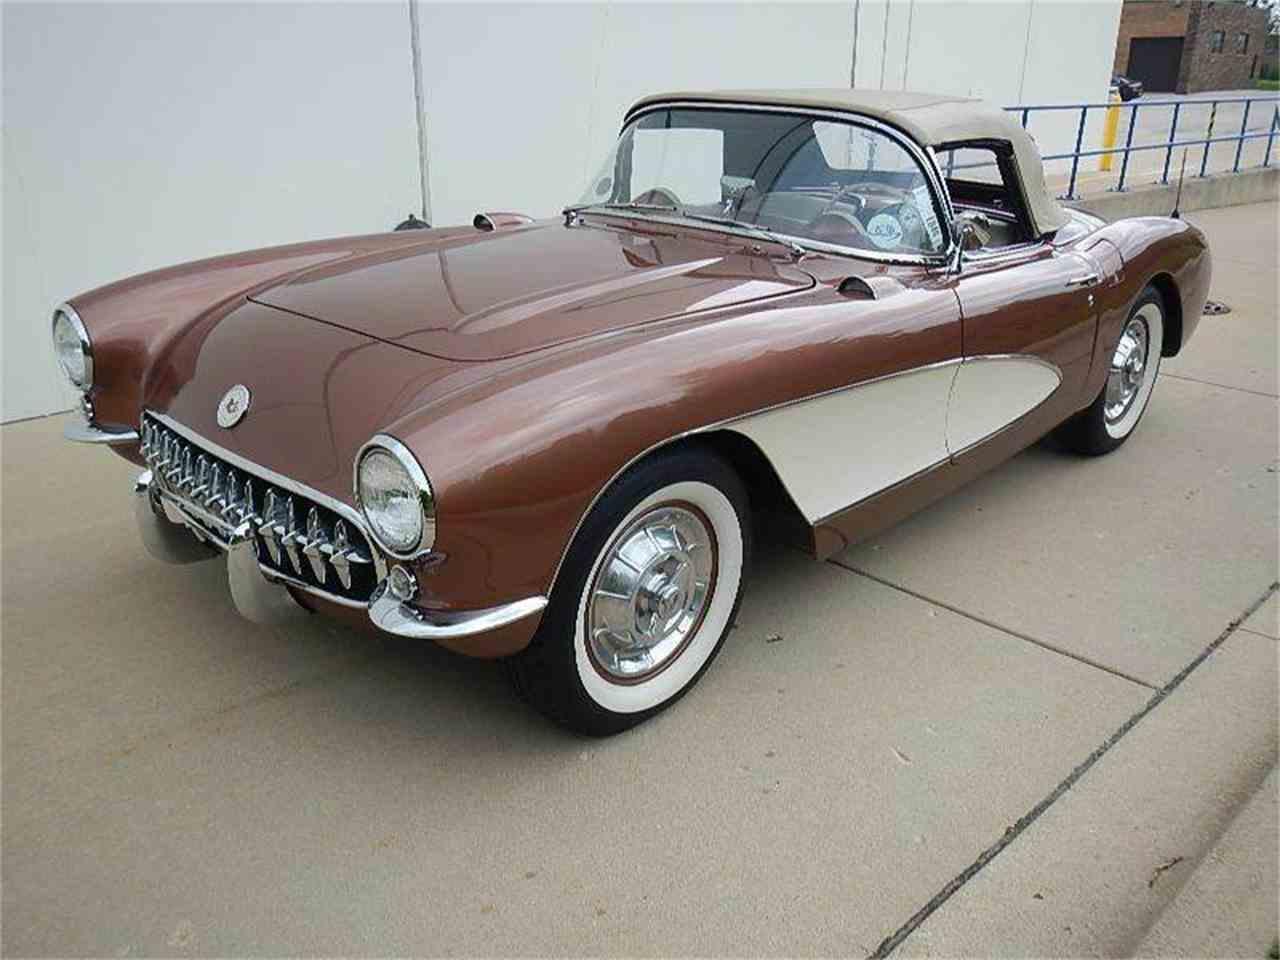 1957 chevrolet corvette for sale on classiccars com 31 - 1956 Chevrolet Corvette 981219